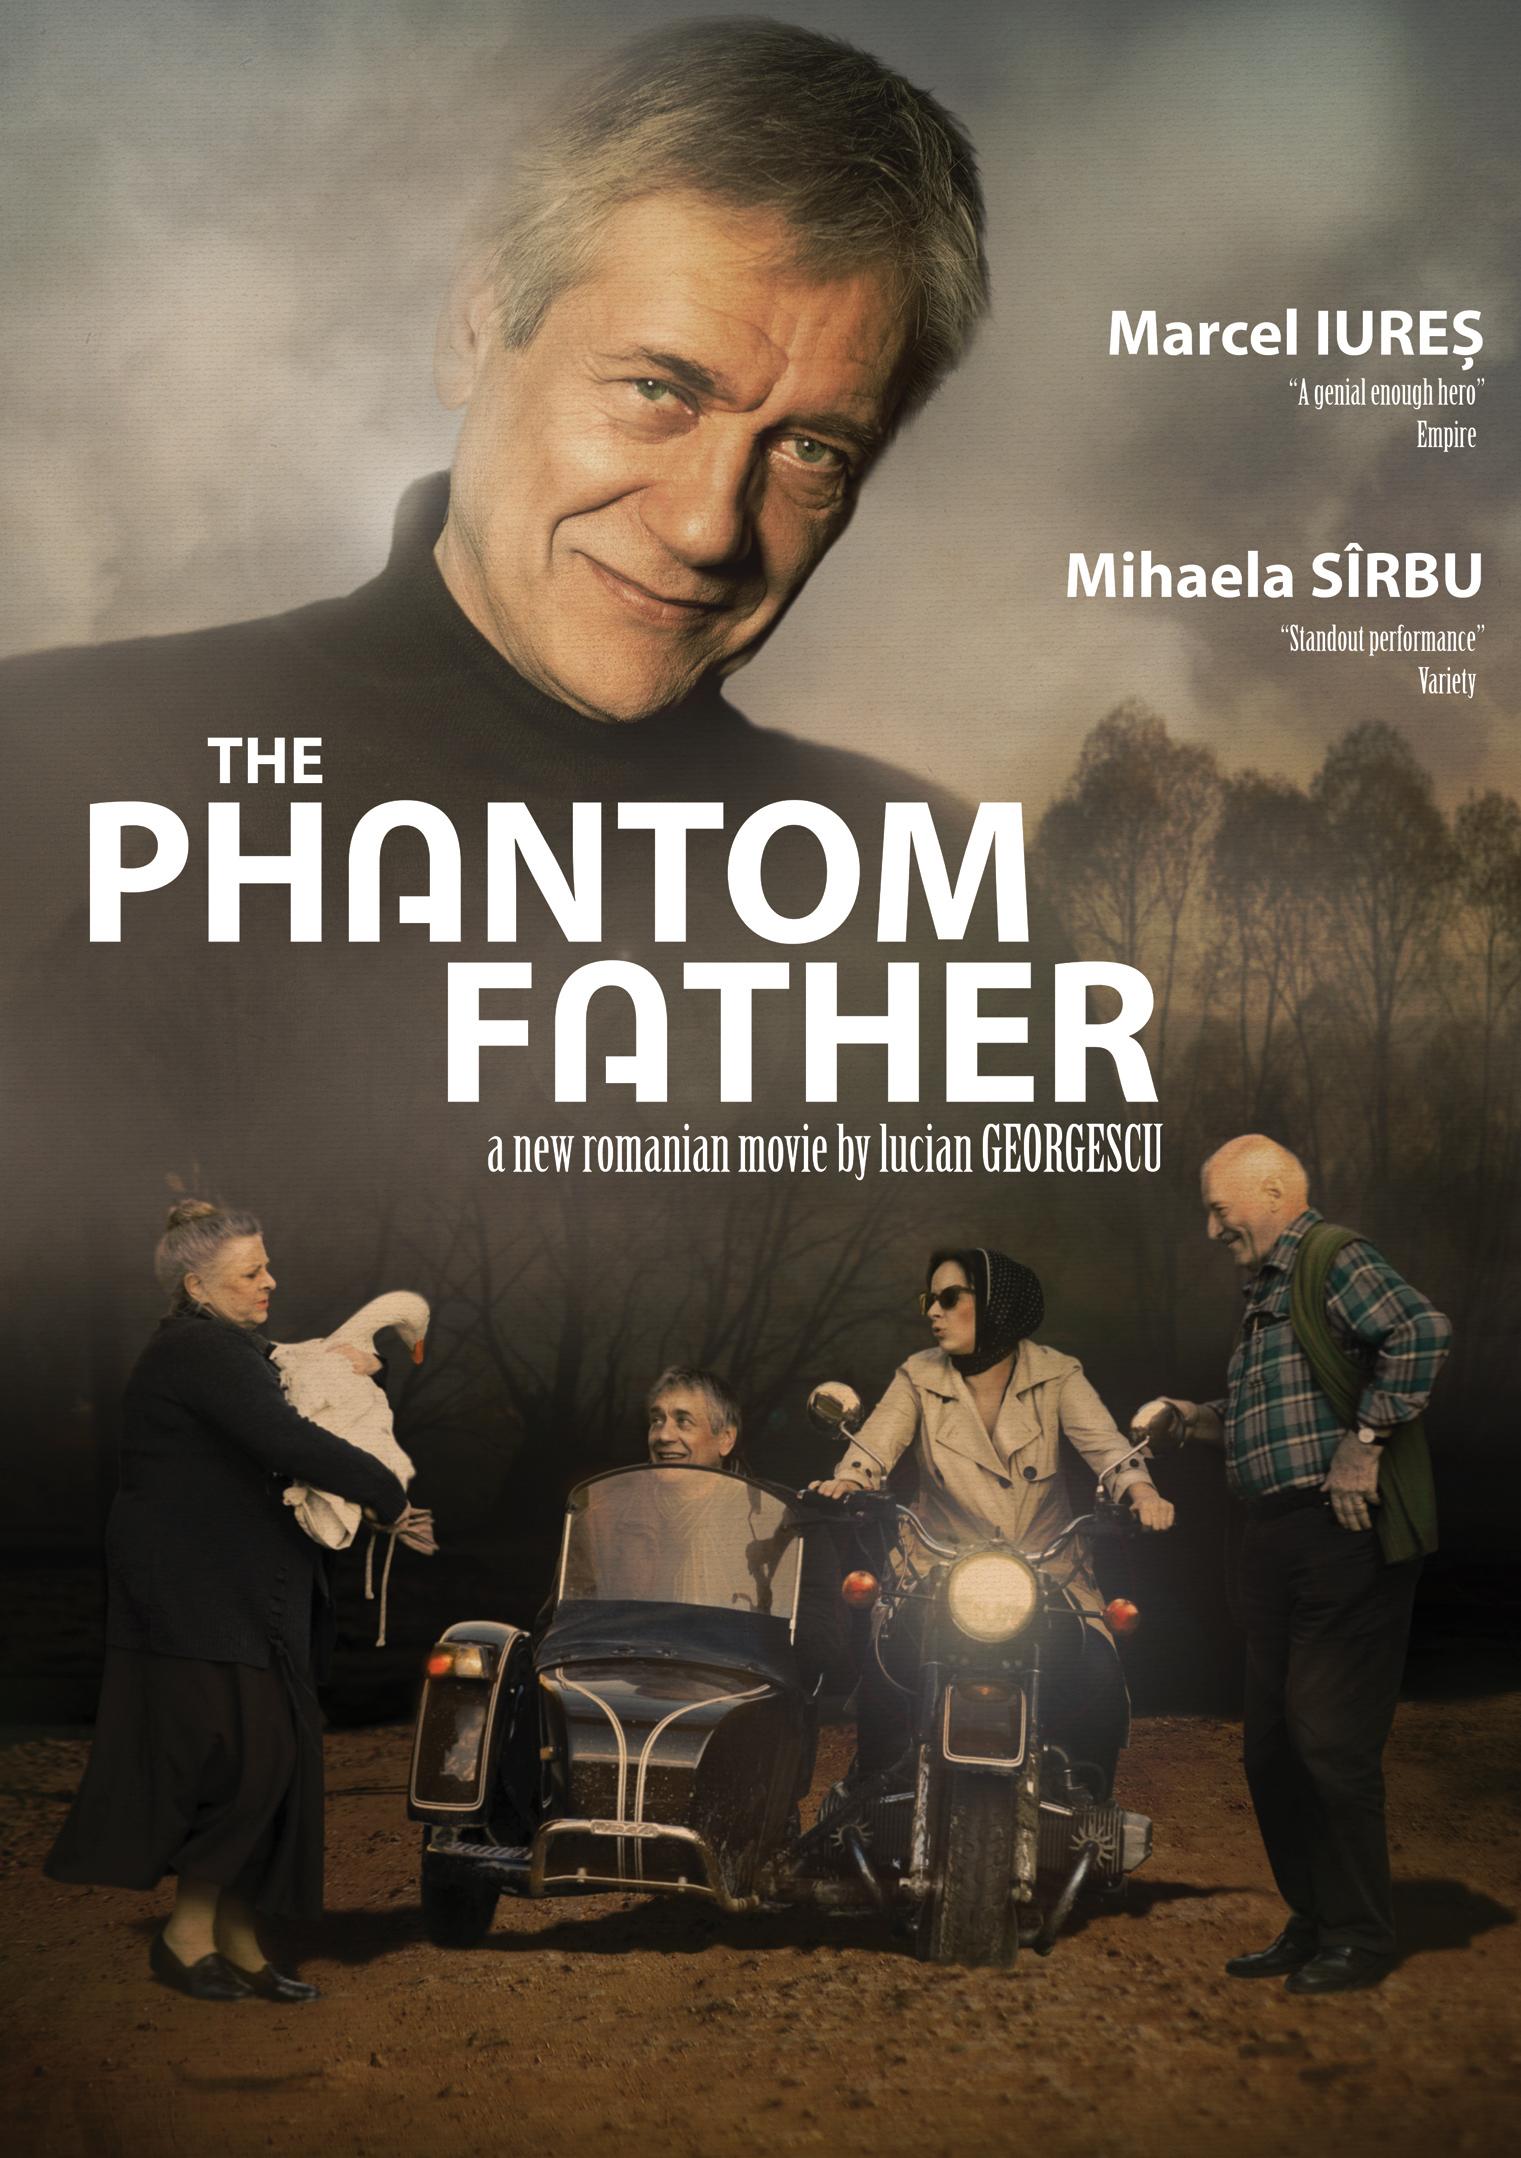 The Phantom Father